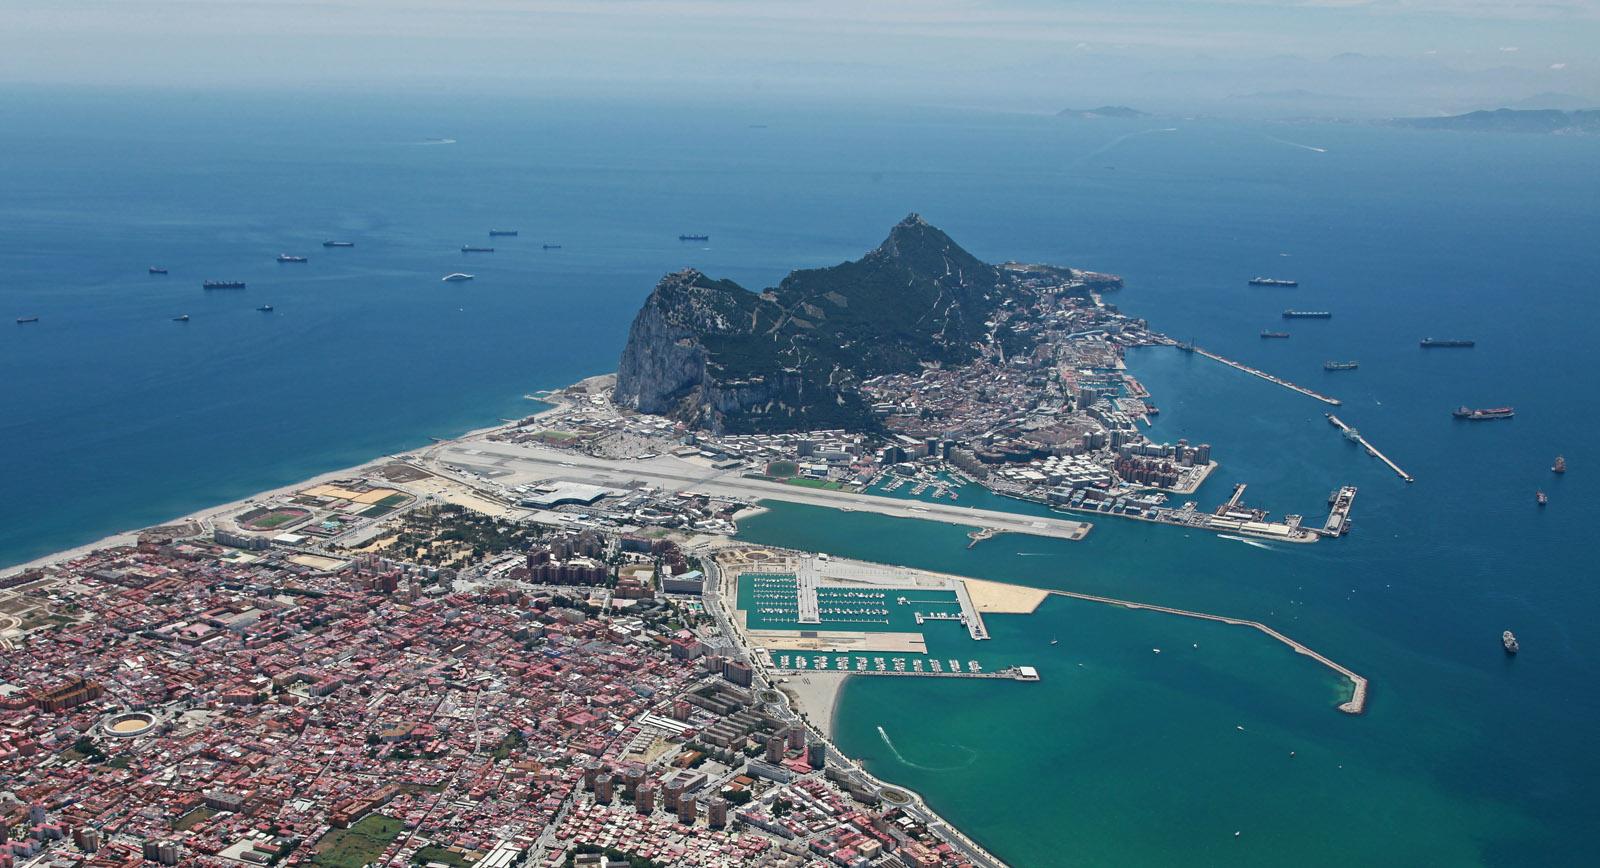 Гибралтар может присоединиться к Шенгену после Brexit